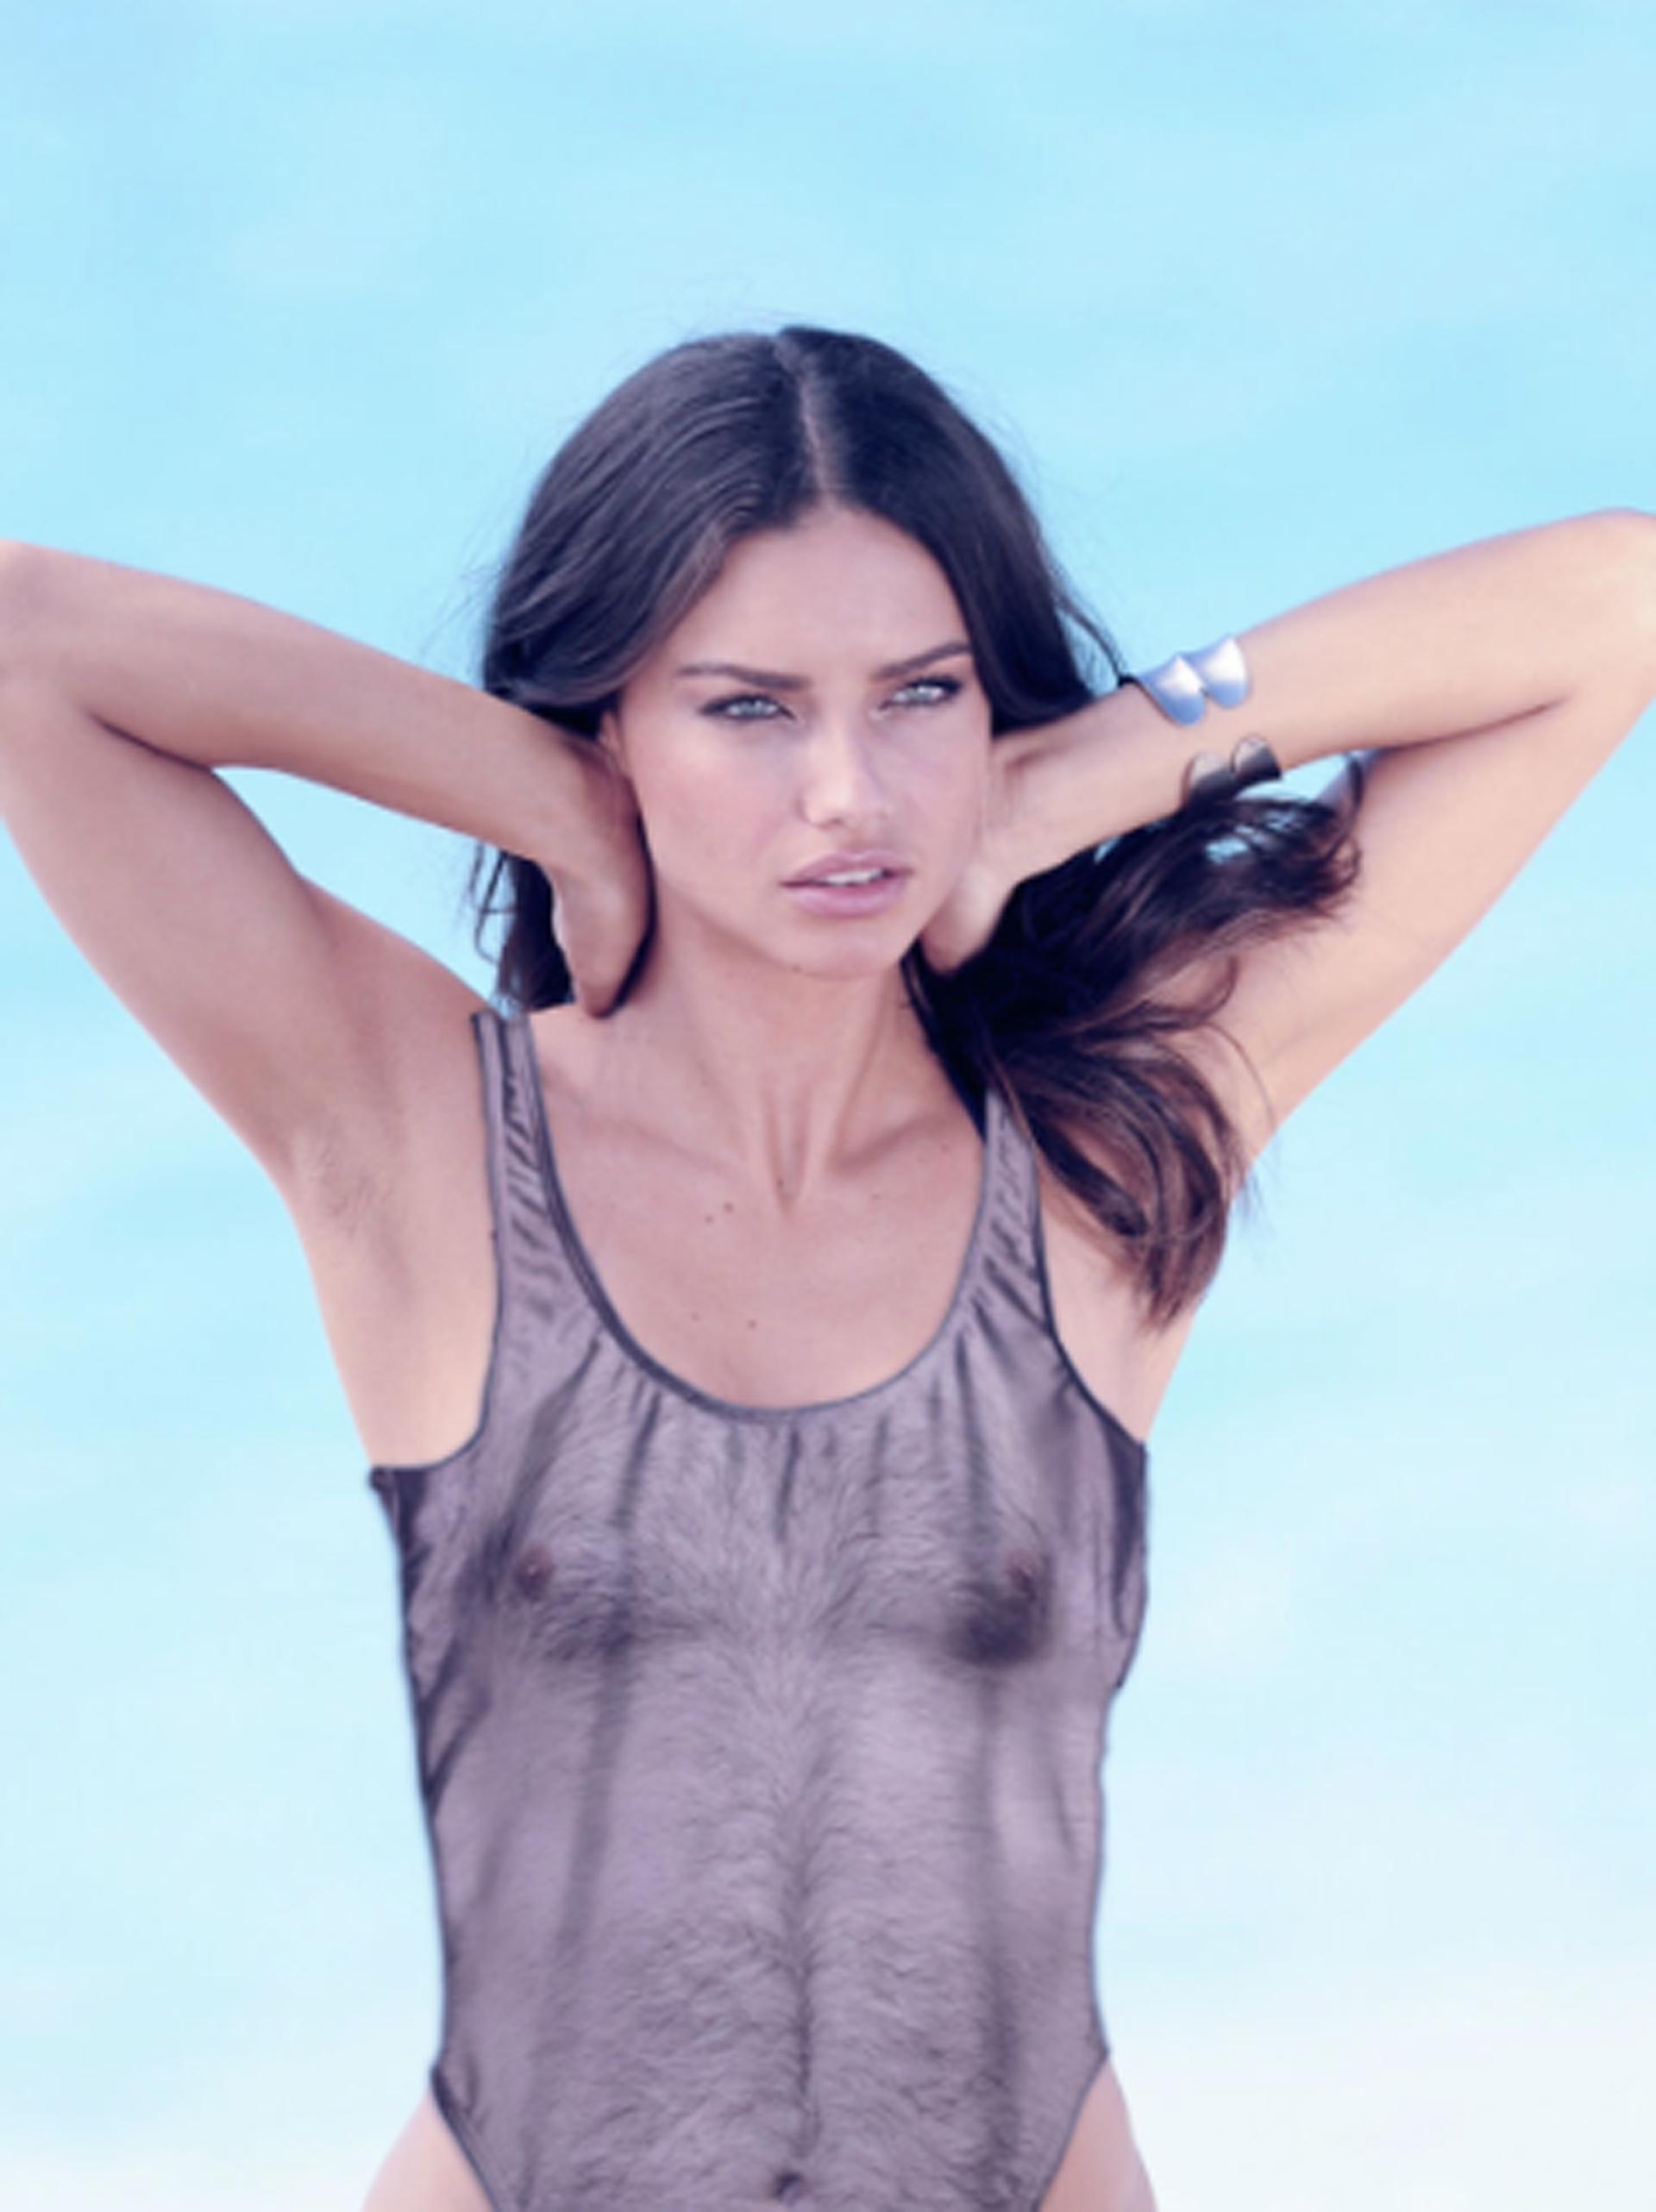 """La modelo brasilera, una de las históricas""""ángeles""""con mas trayectoria en las pasarelas de Victoria's Secret"""